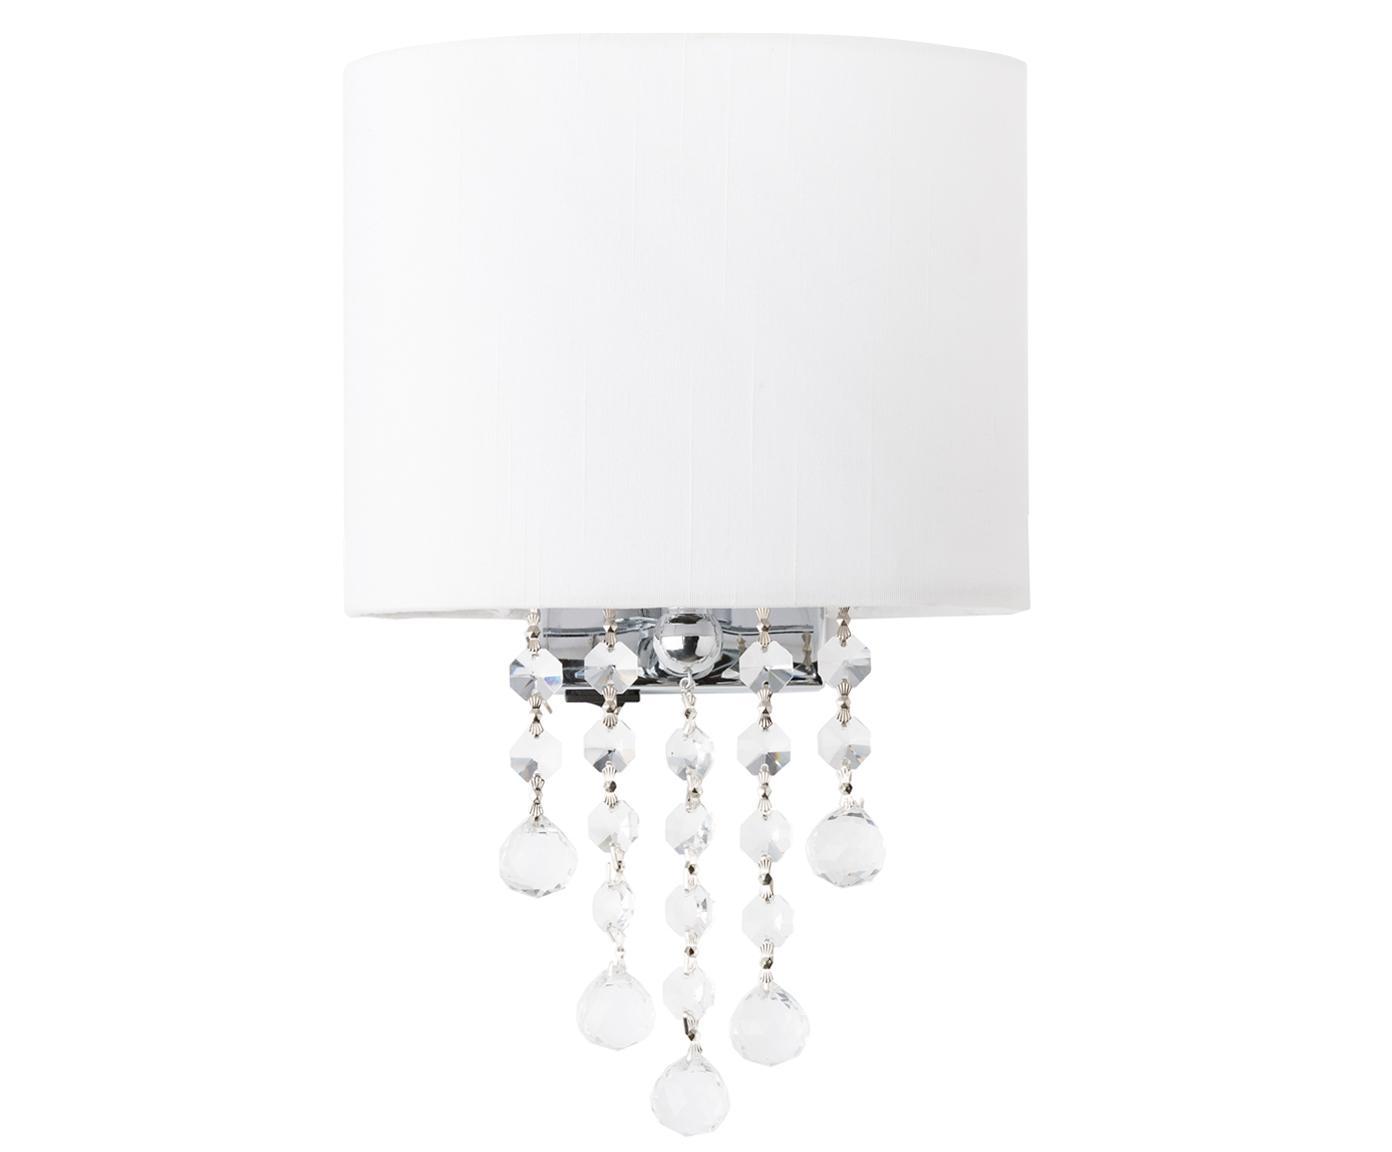 Wandlamp Nora, Metaal, textiel, kristallen, Wit, 18 x 27 cm